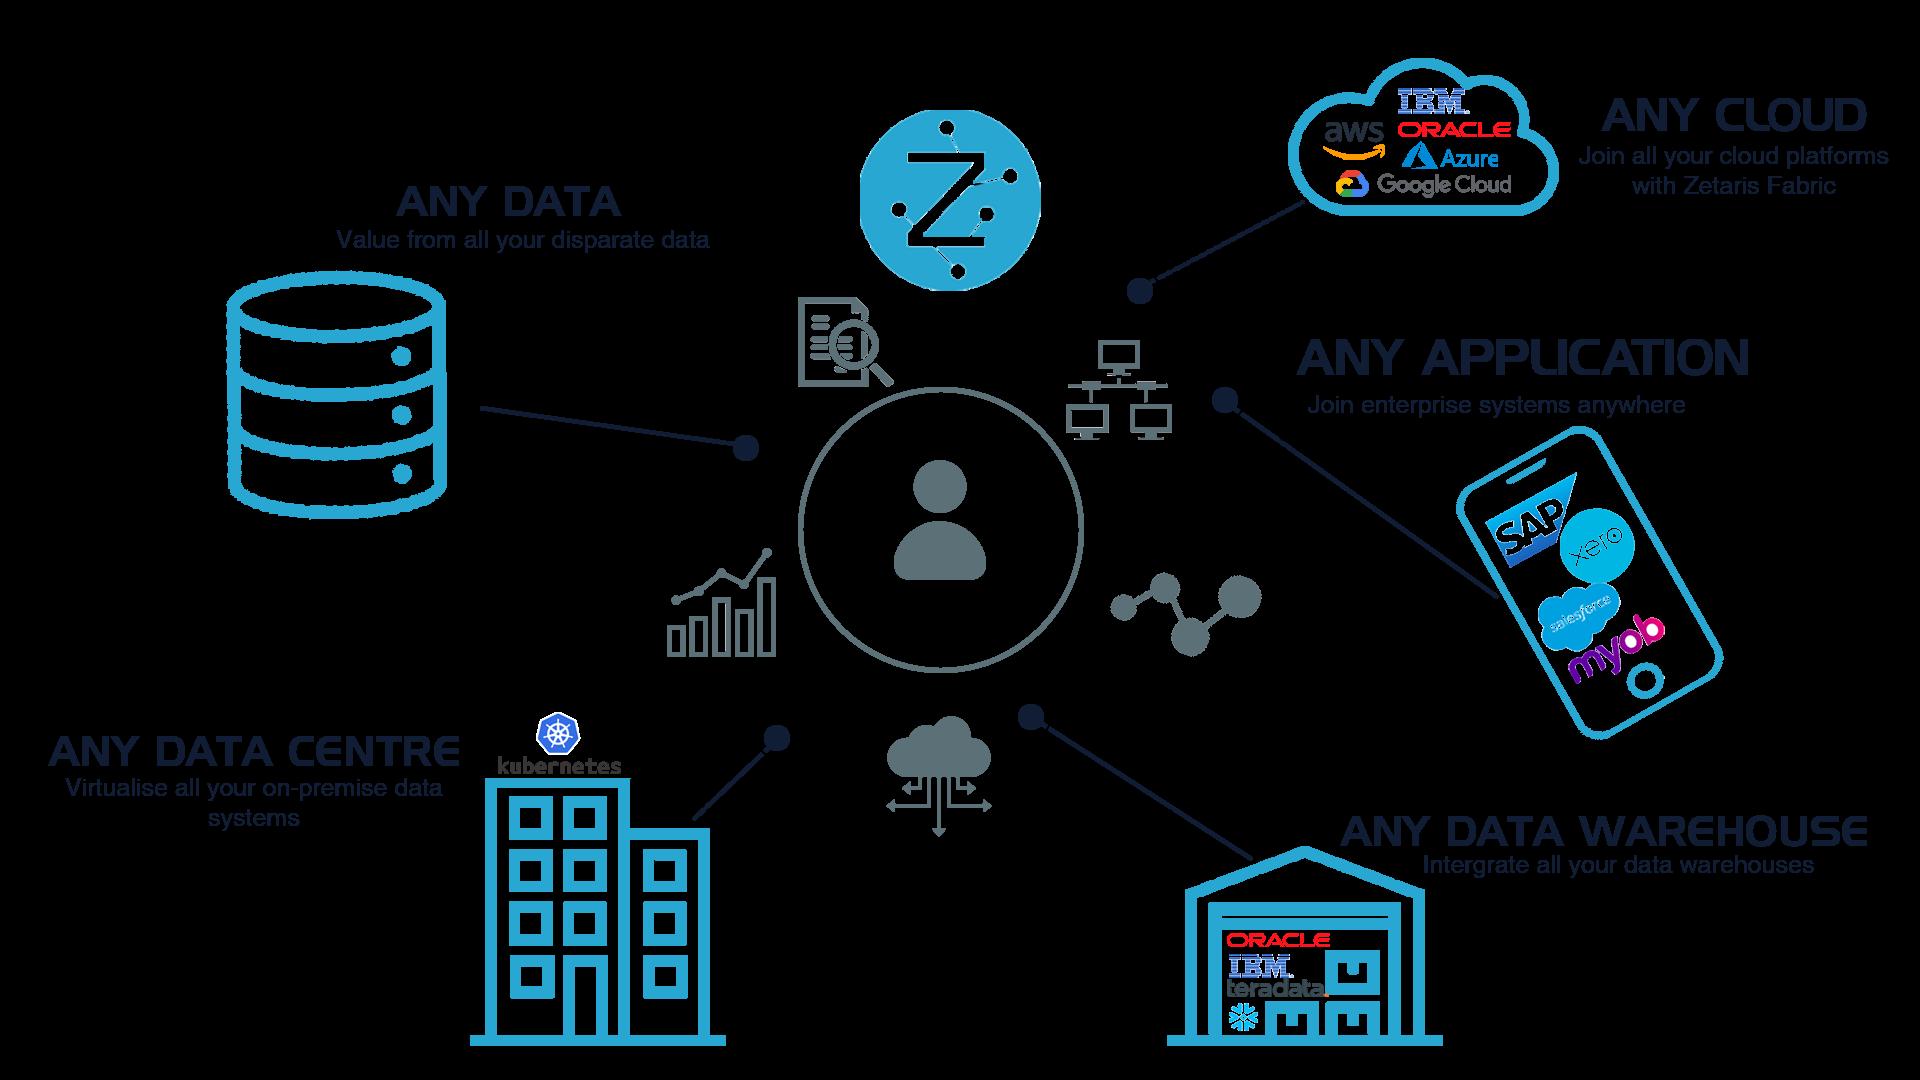 Networked Data Platform